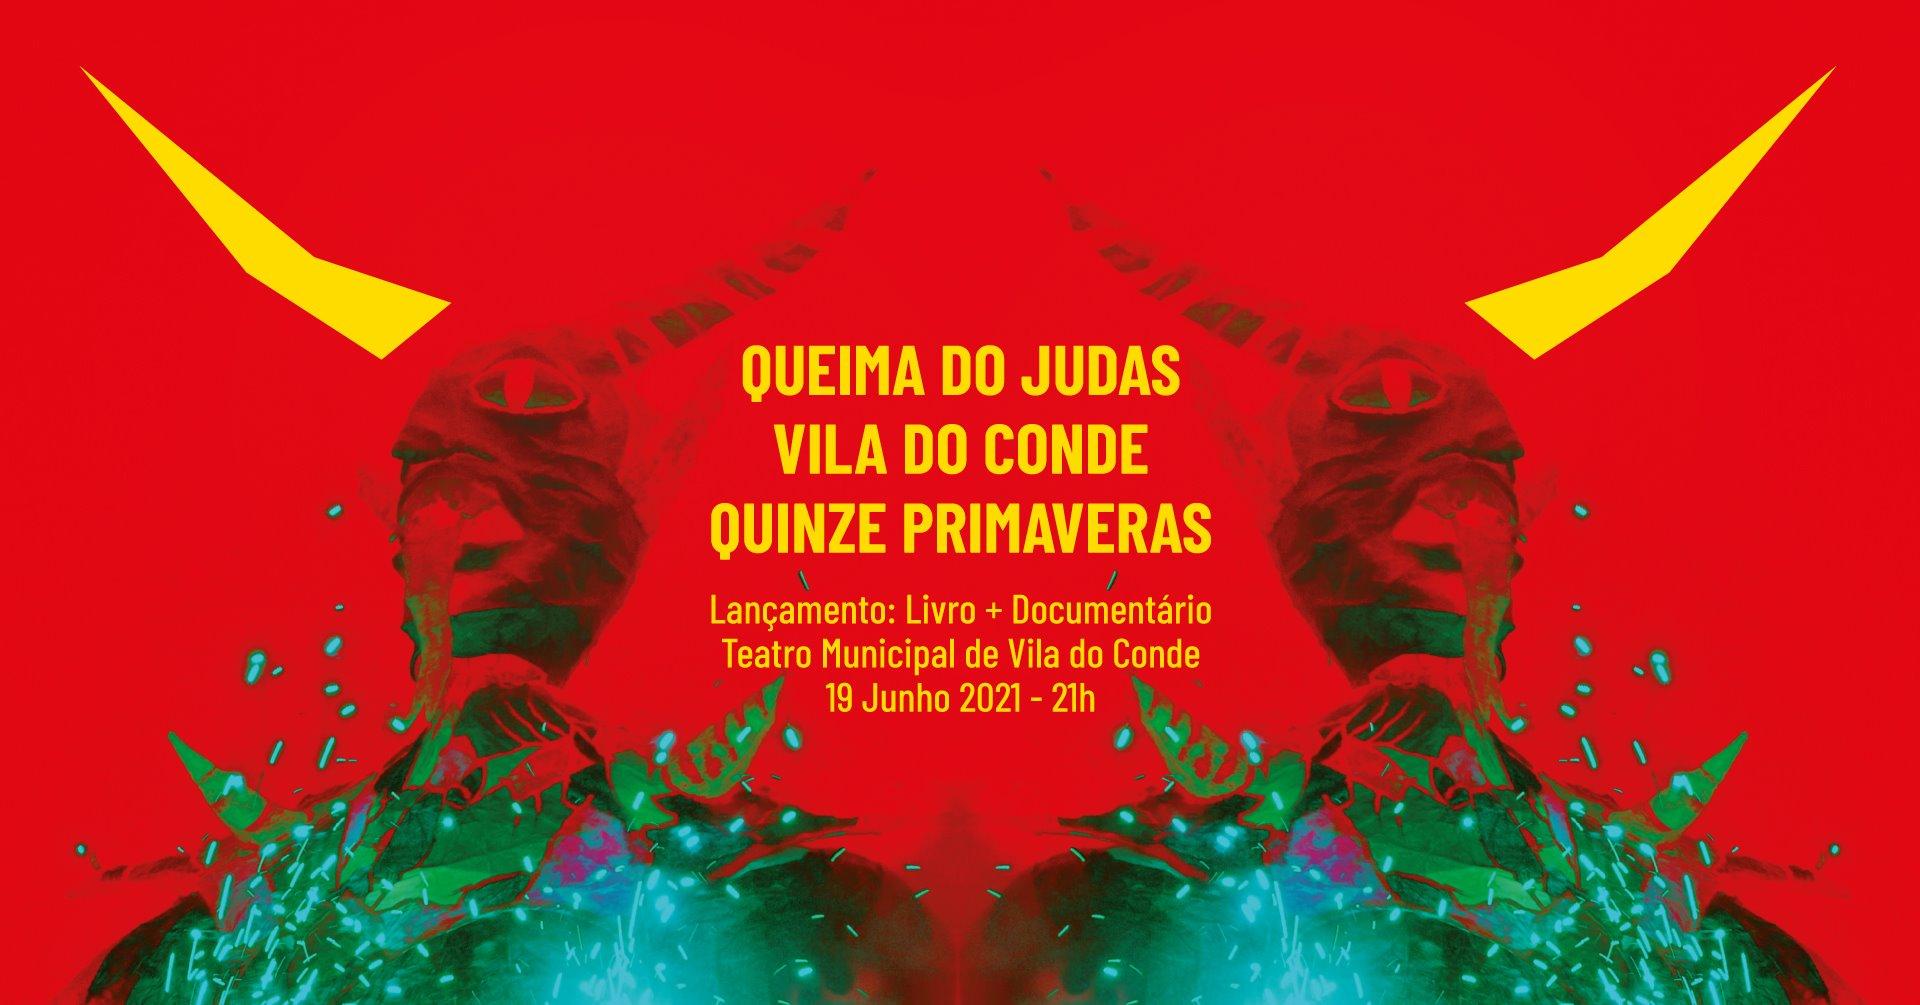 Lançamento Livro + Documentário Queima do Judas Vila do Conde Quinze Primaveras